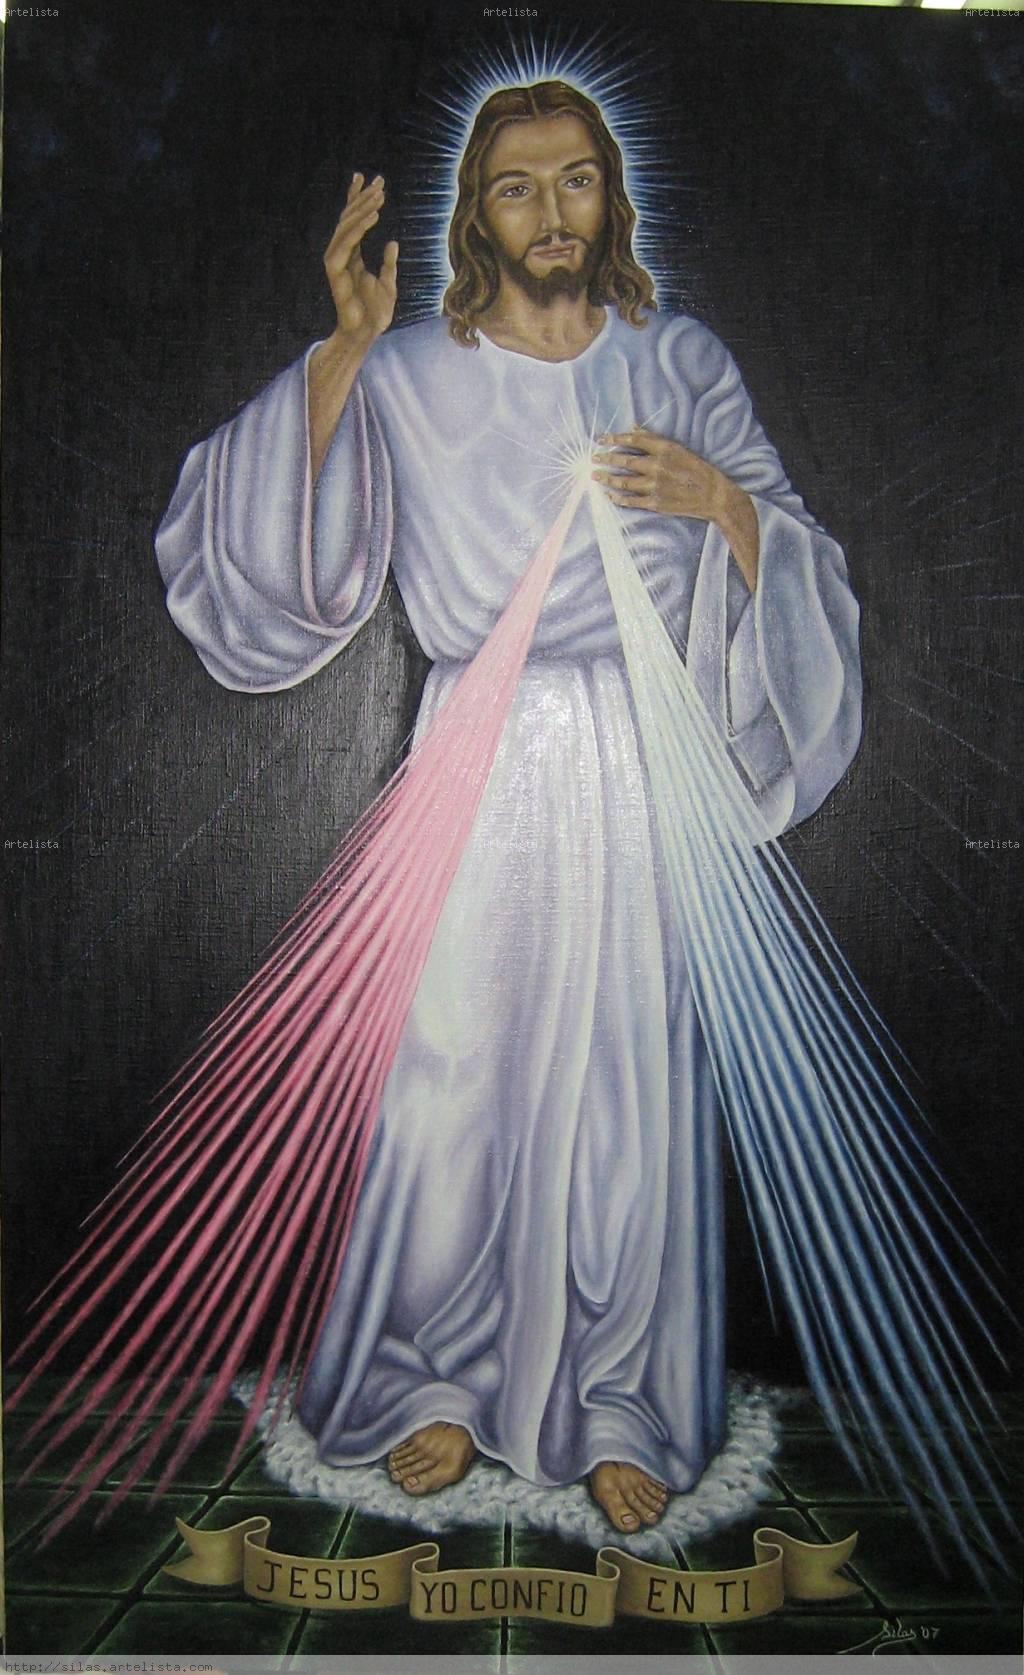 IMAGENES DE JESUS - Imagenes de DIOS